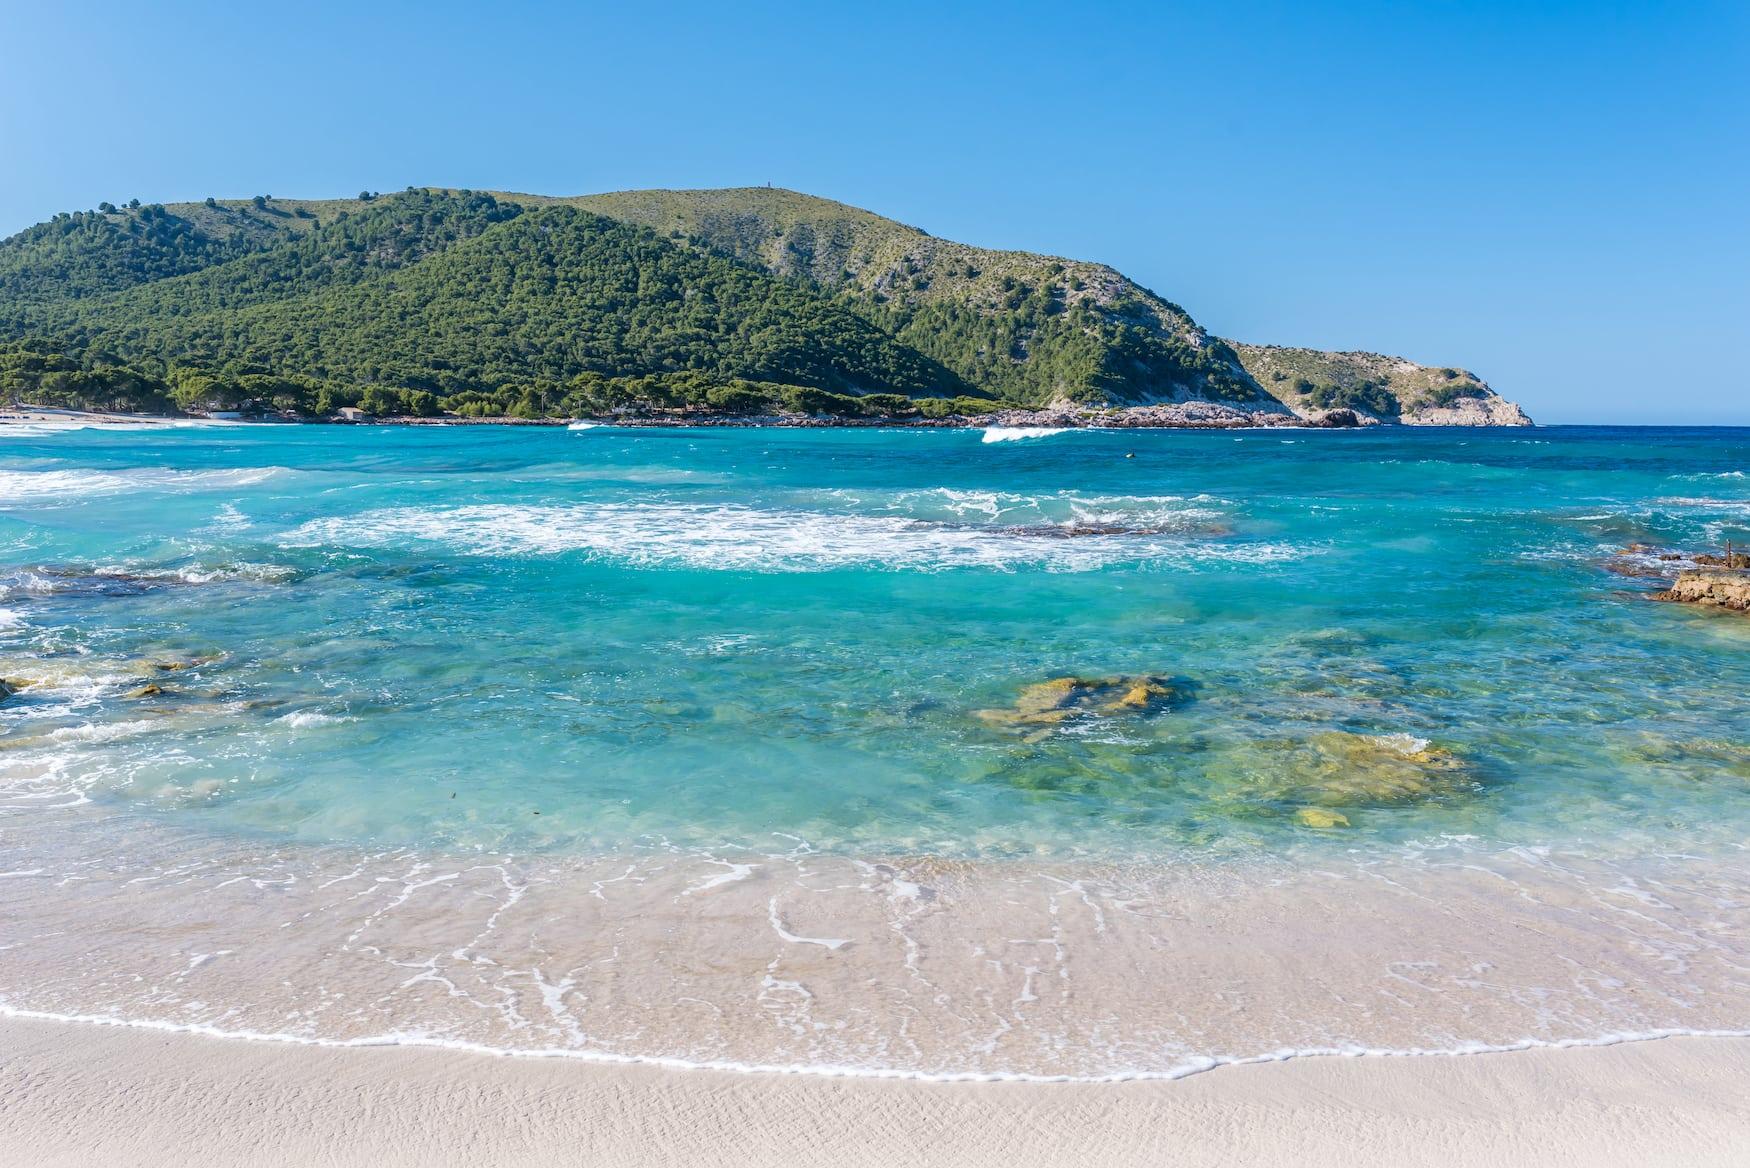 Strände auf Mallorca: Der Cala Agulla erinnert mit seinem türkisblauen Wasser an die Karibik